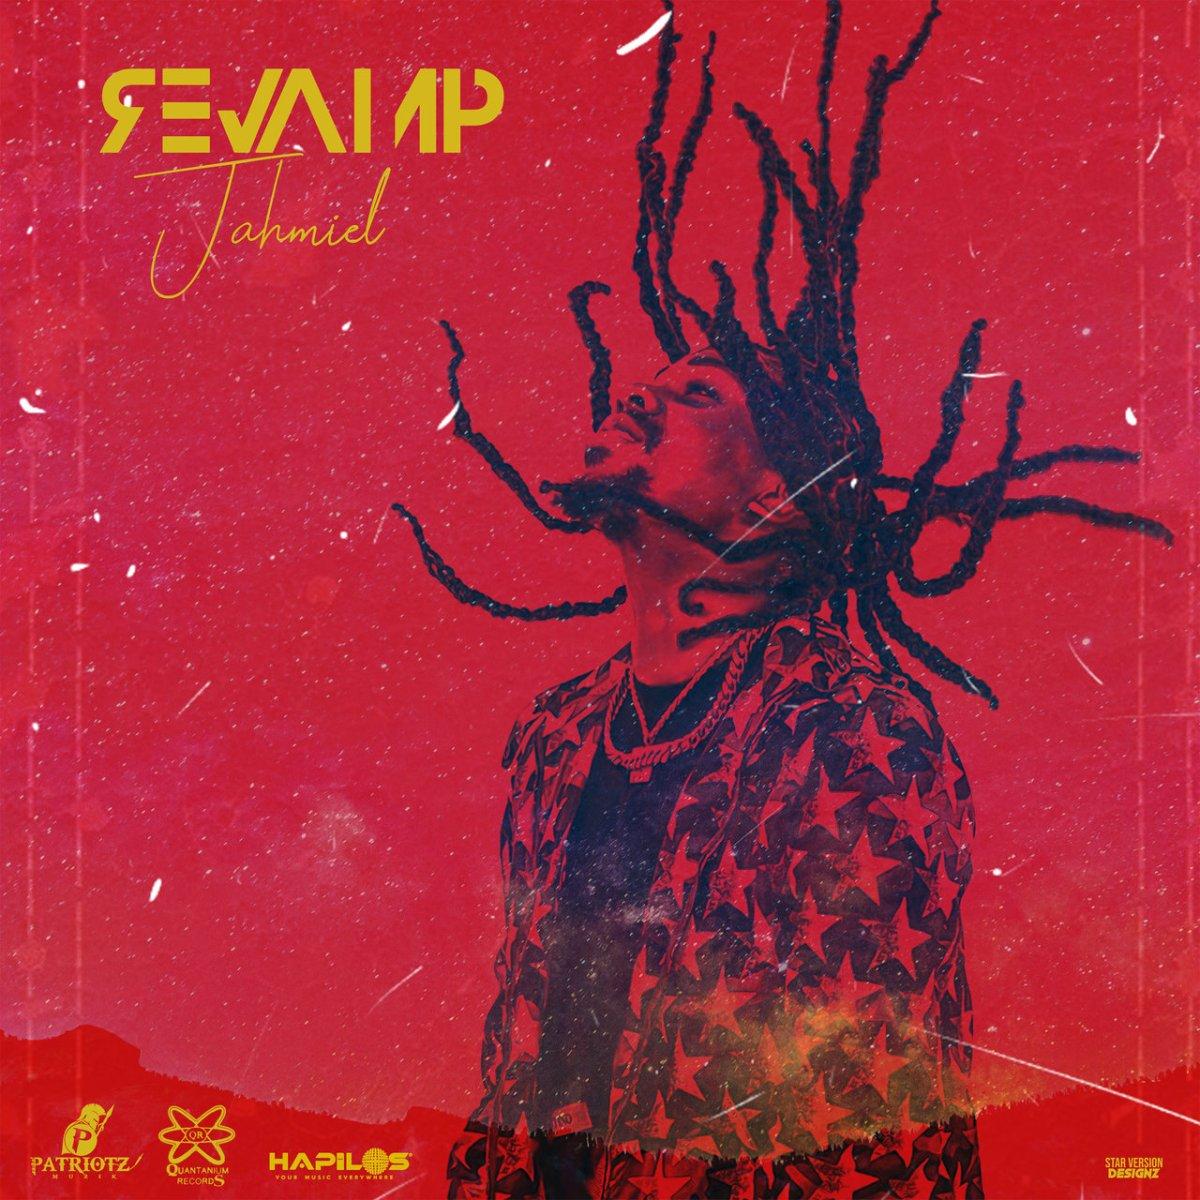 Jahmiel - Revamp (Cover)